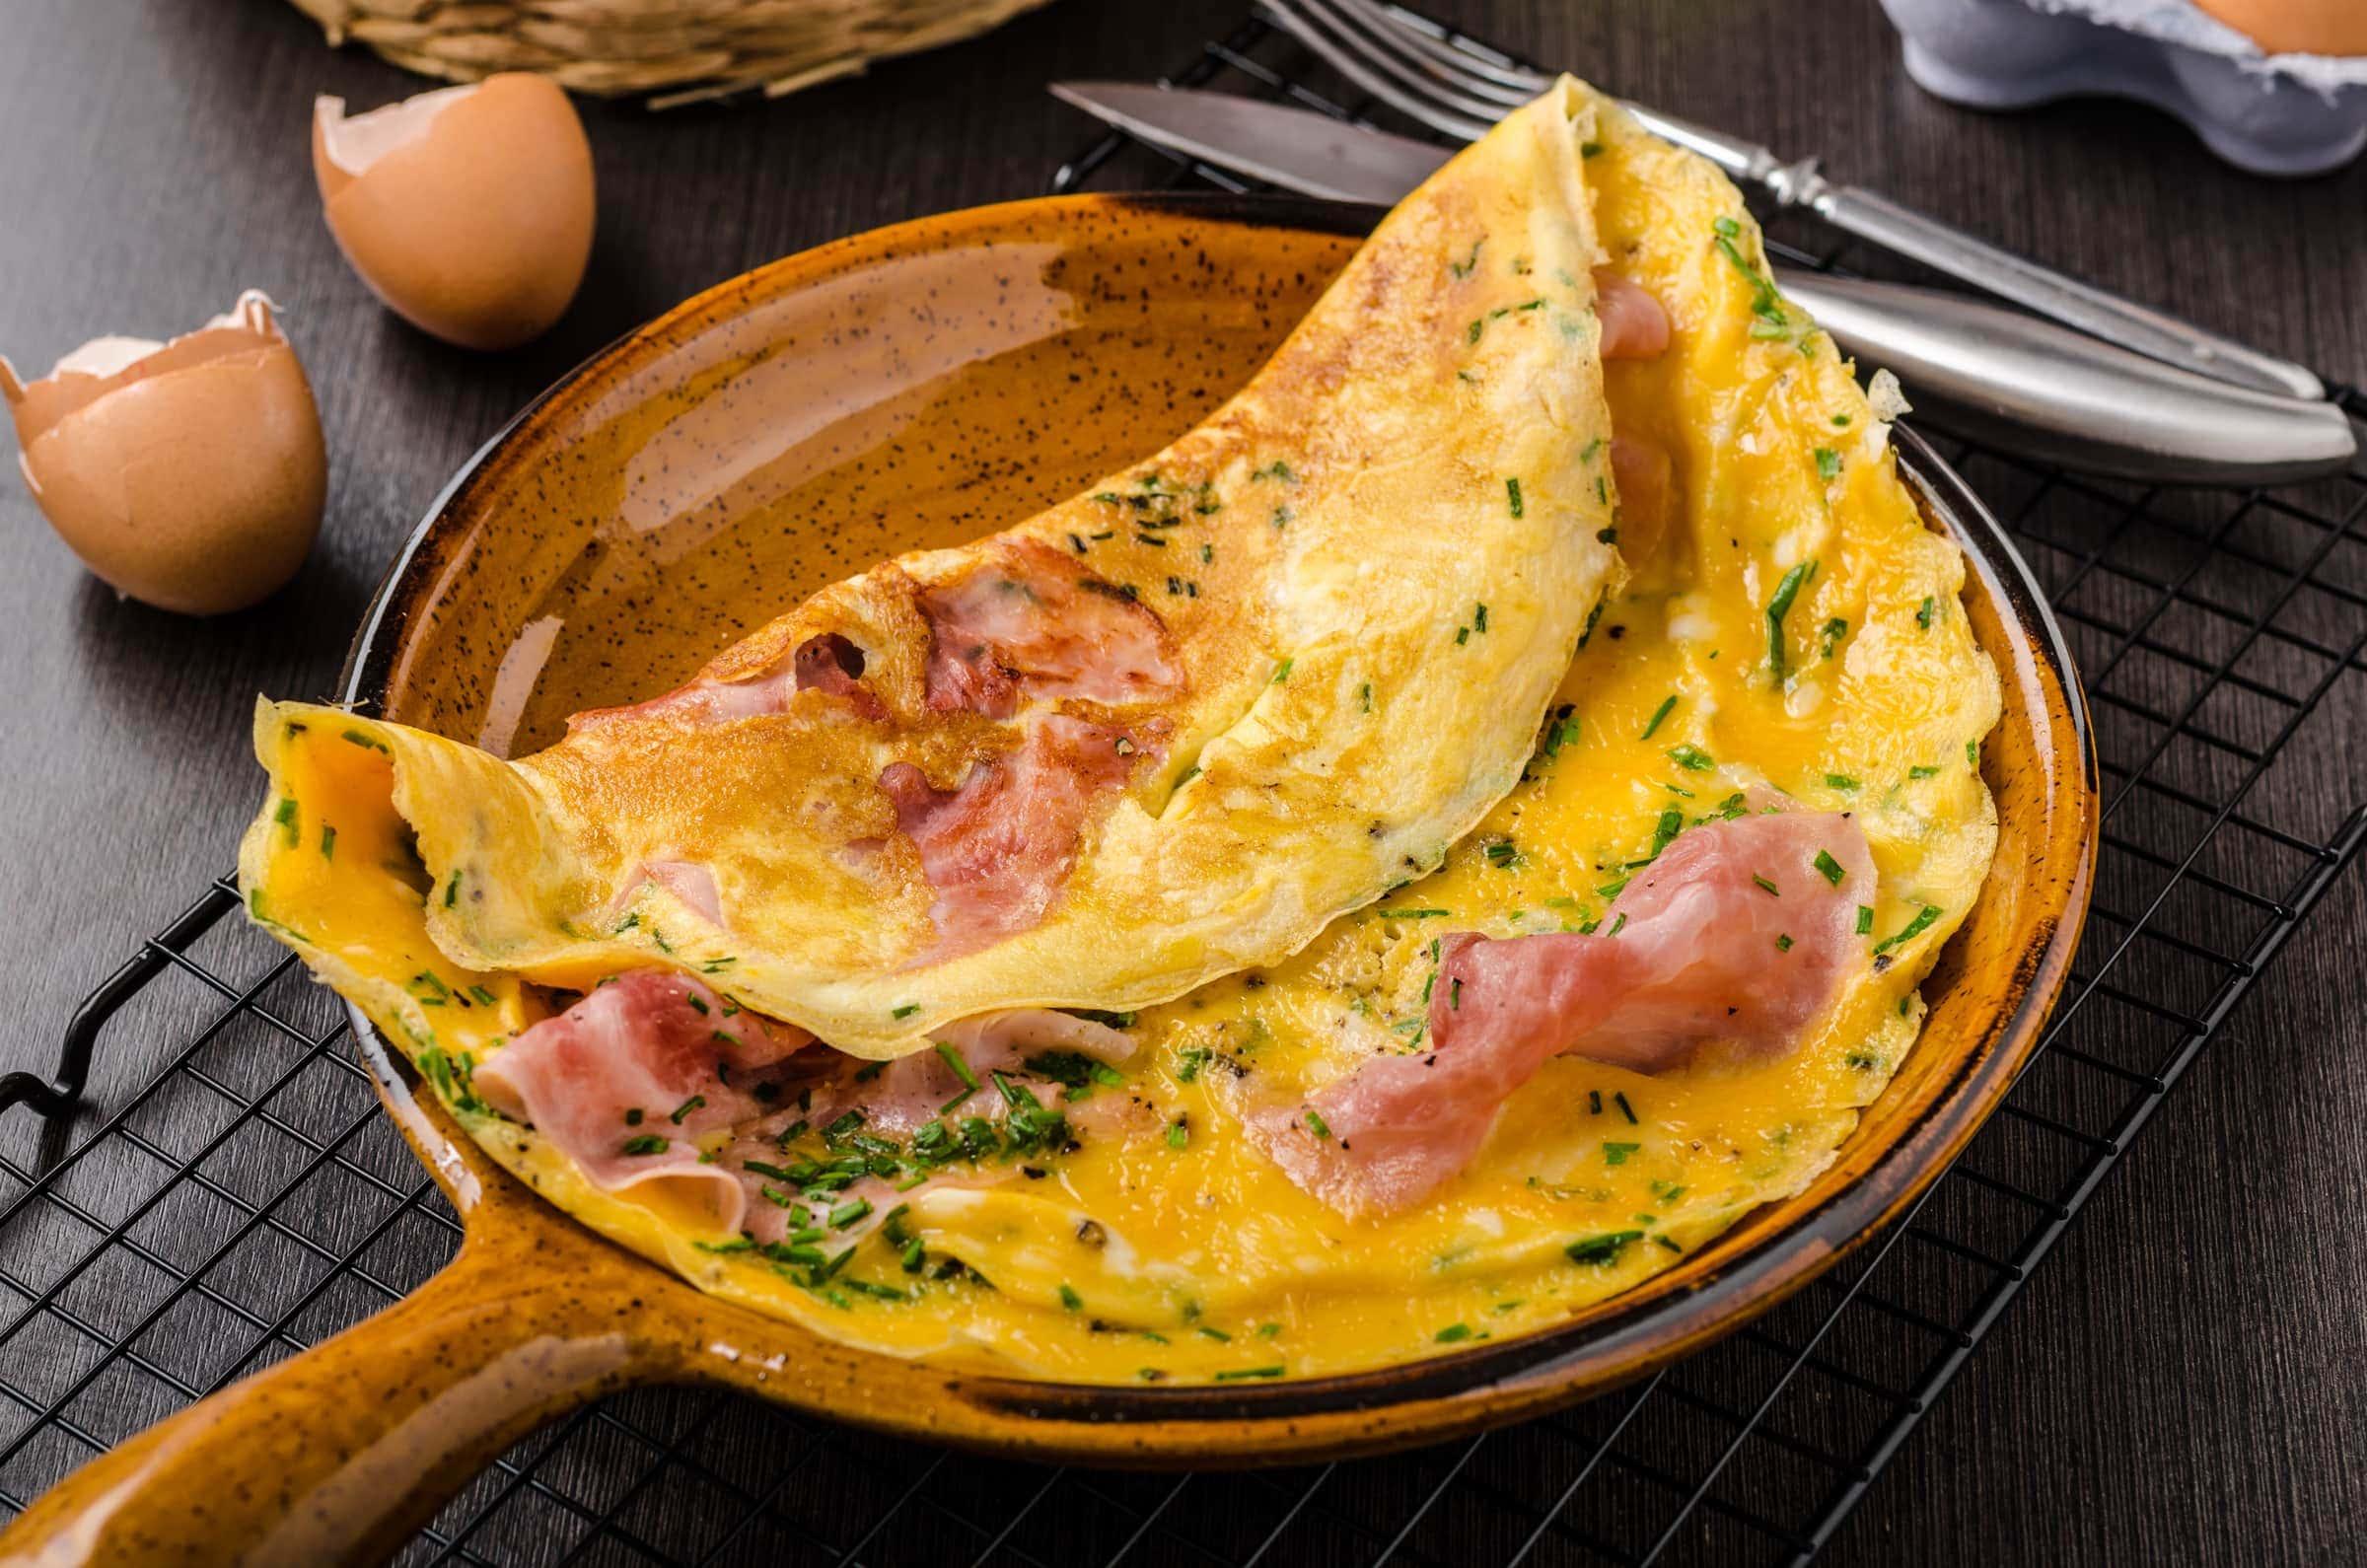 Ricetta Omelette Salate Prosciutto E Formaggio.Ricetta Omelette Prosciutto E Formaggio Il Club Delle Ricette